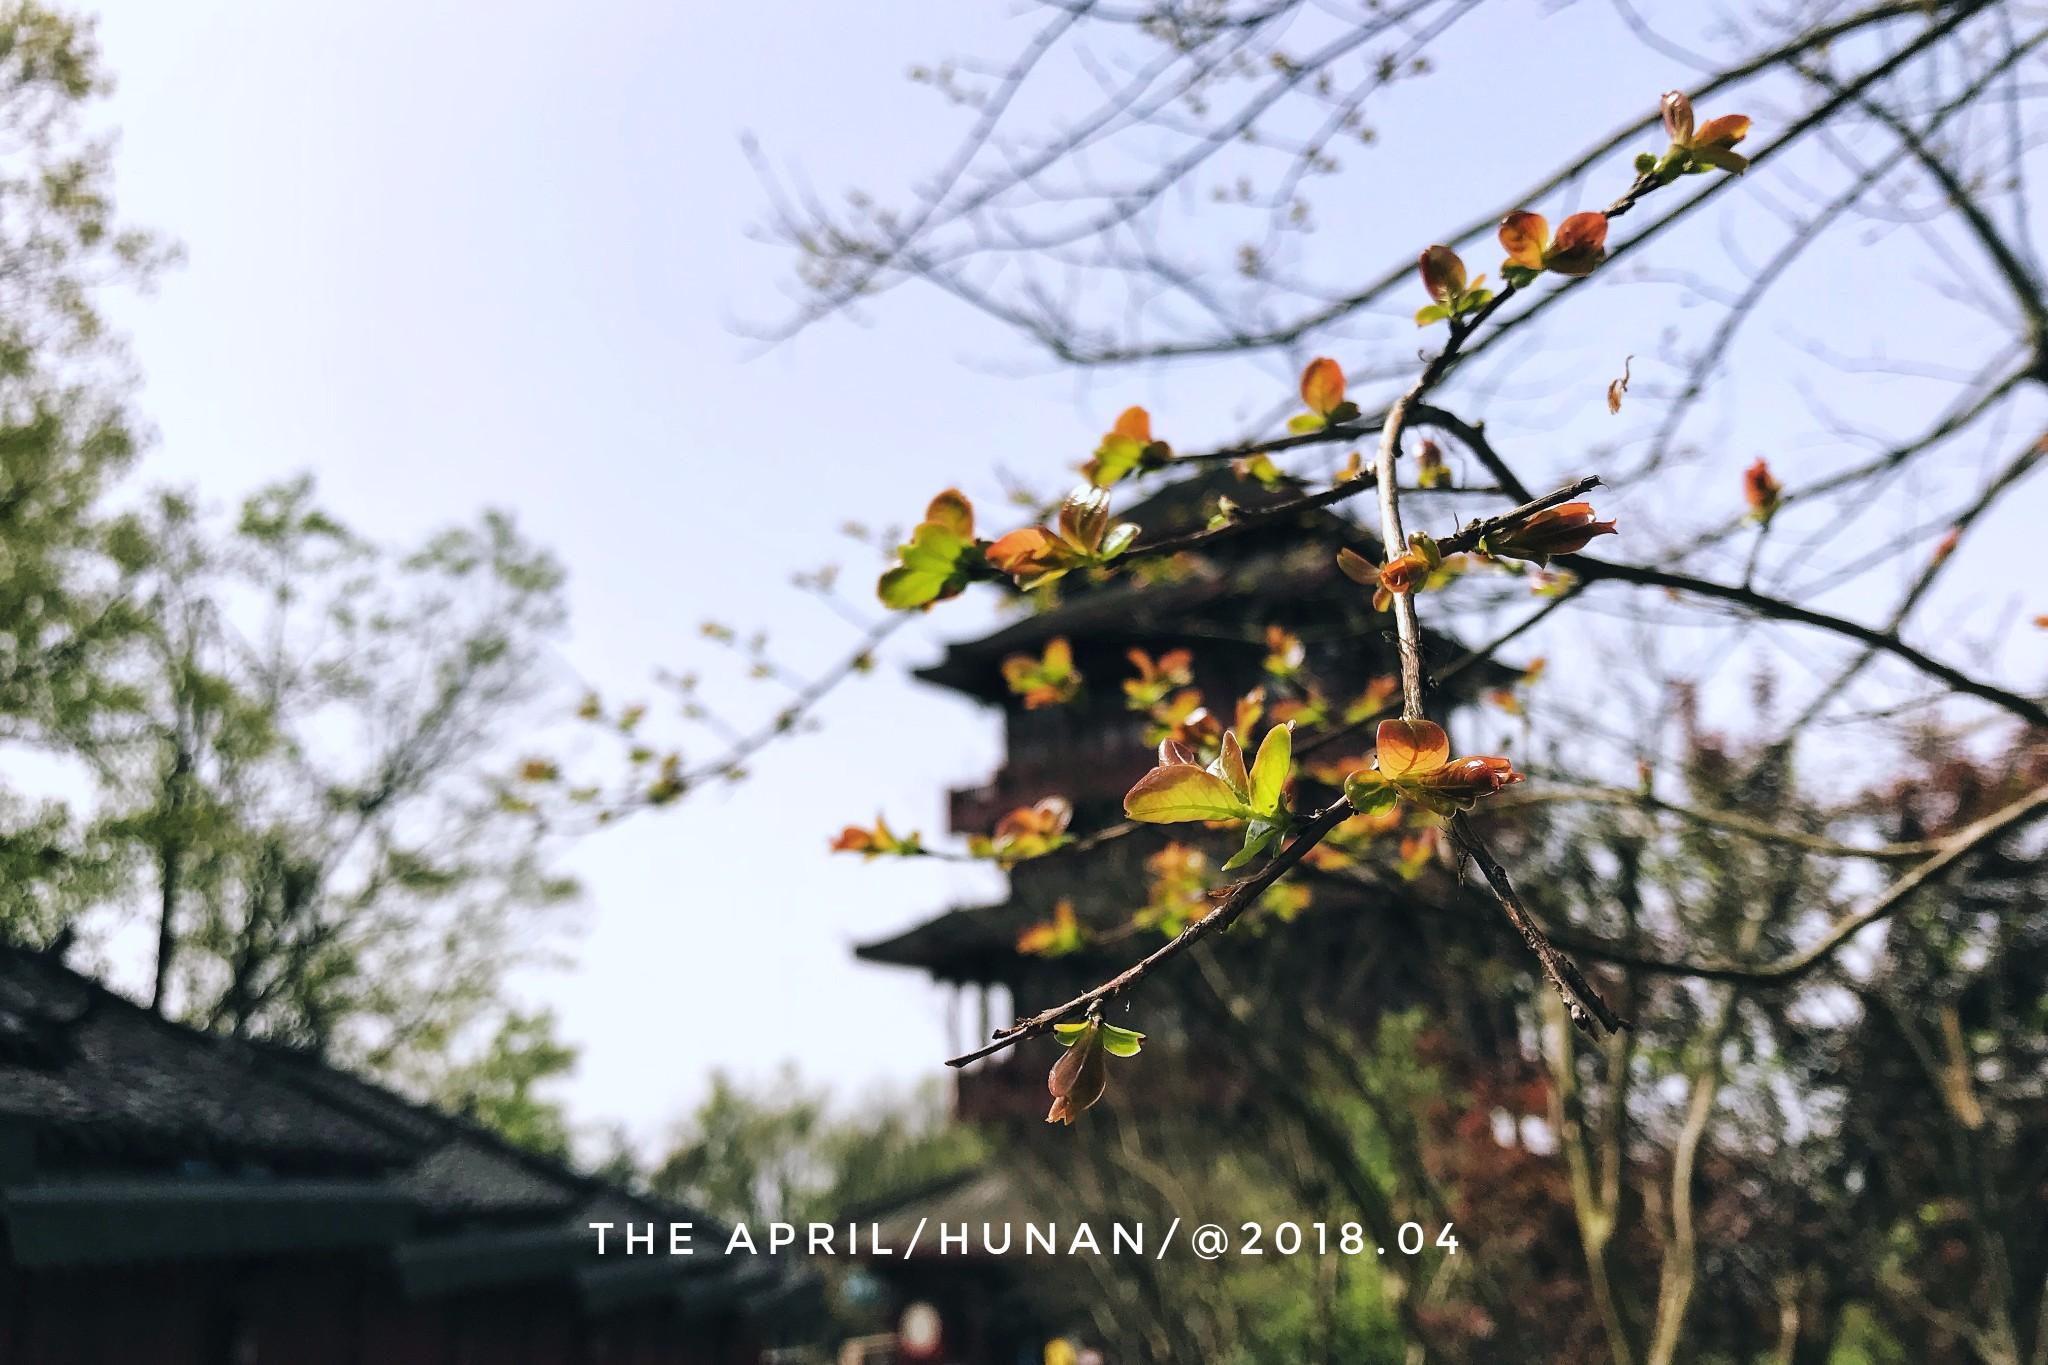 #人间四月天#八人同行 说走就走的旅行【张家界景区-凤凰古城】